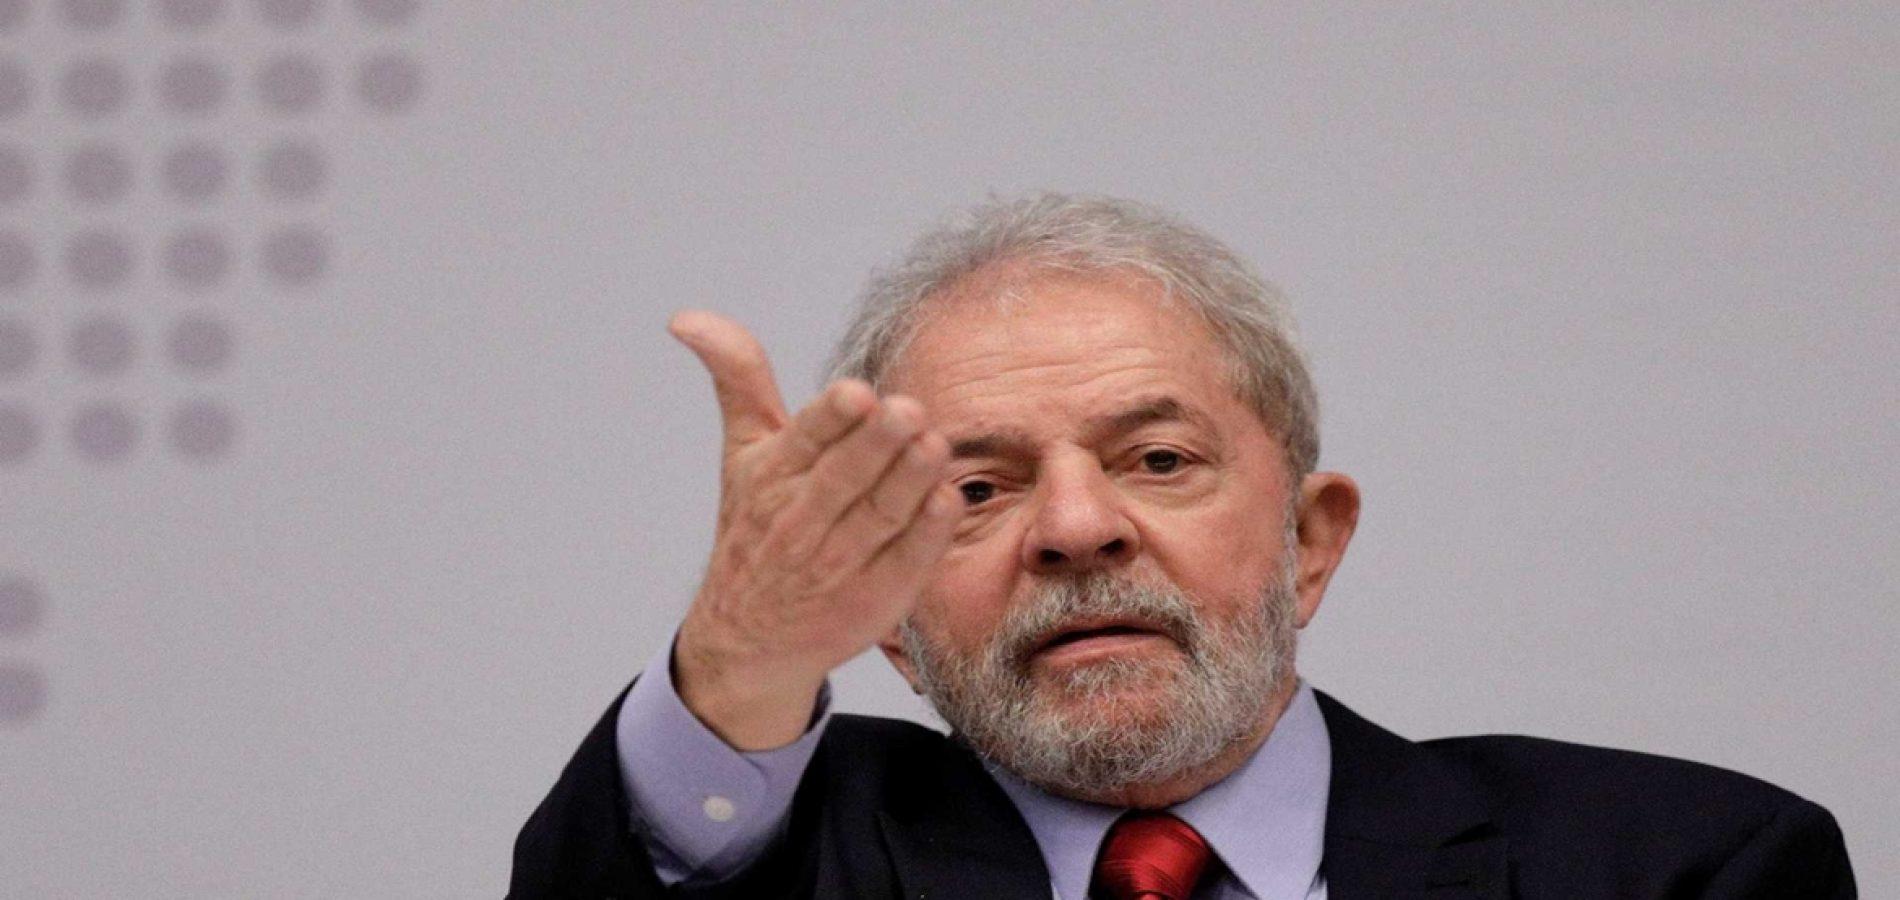 Juiz dá 8 dias para Lula se manifestar no caso do sítio e ação seguir para TRF-4